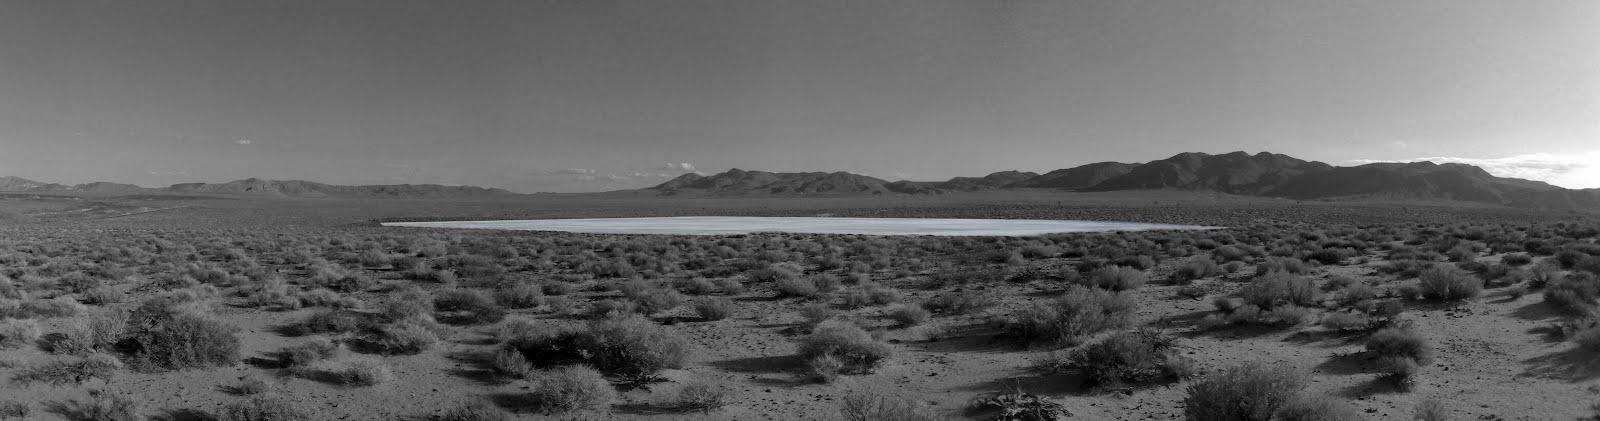 demilit-desert